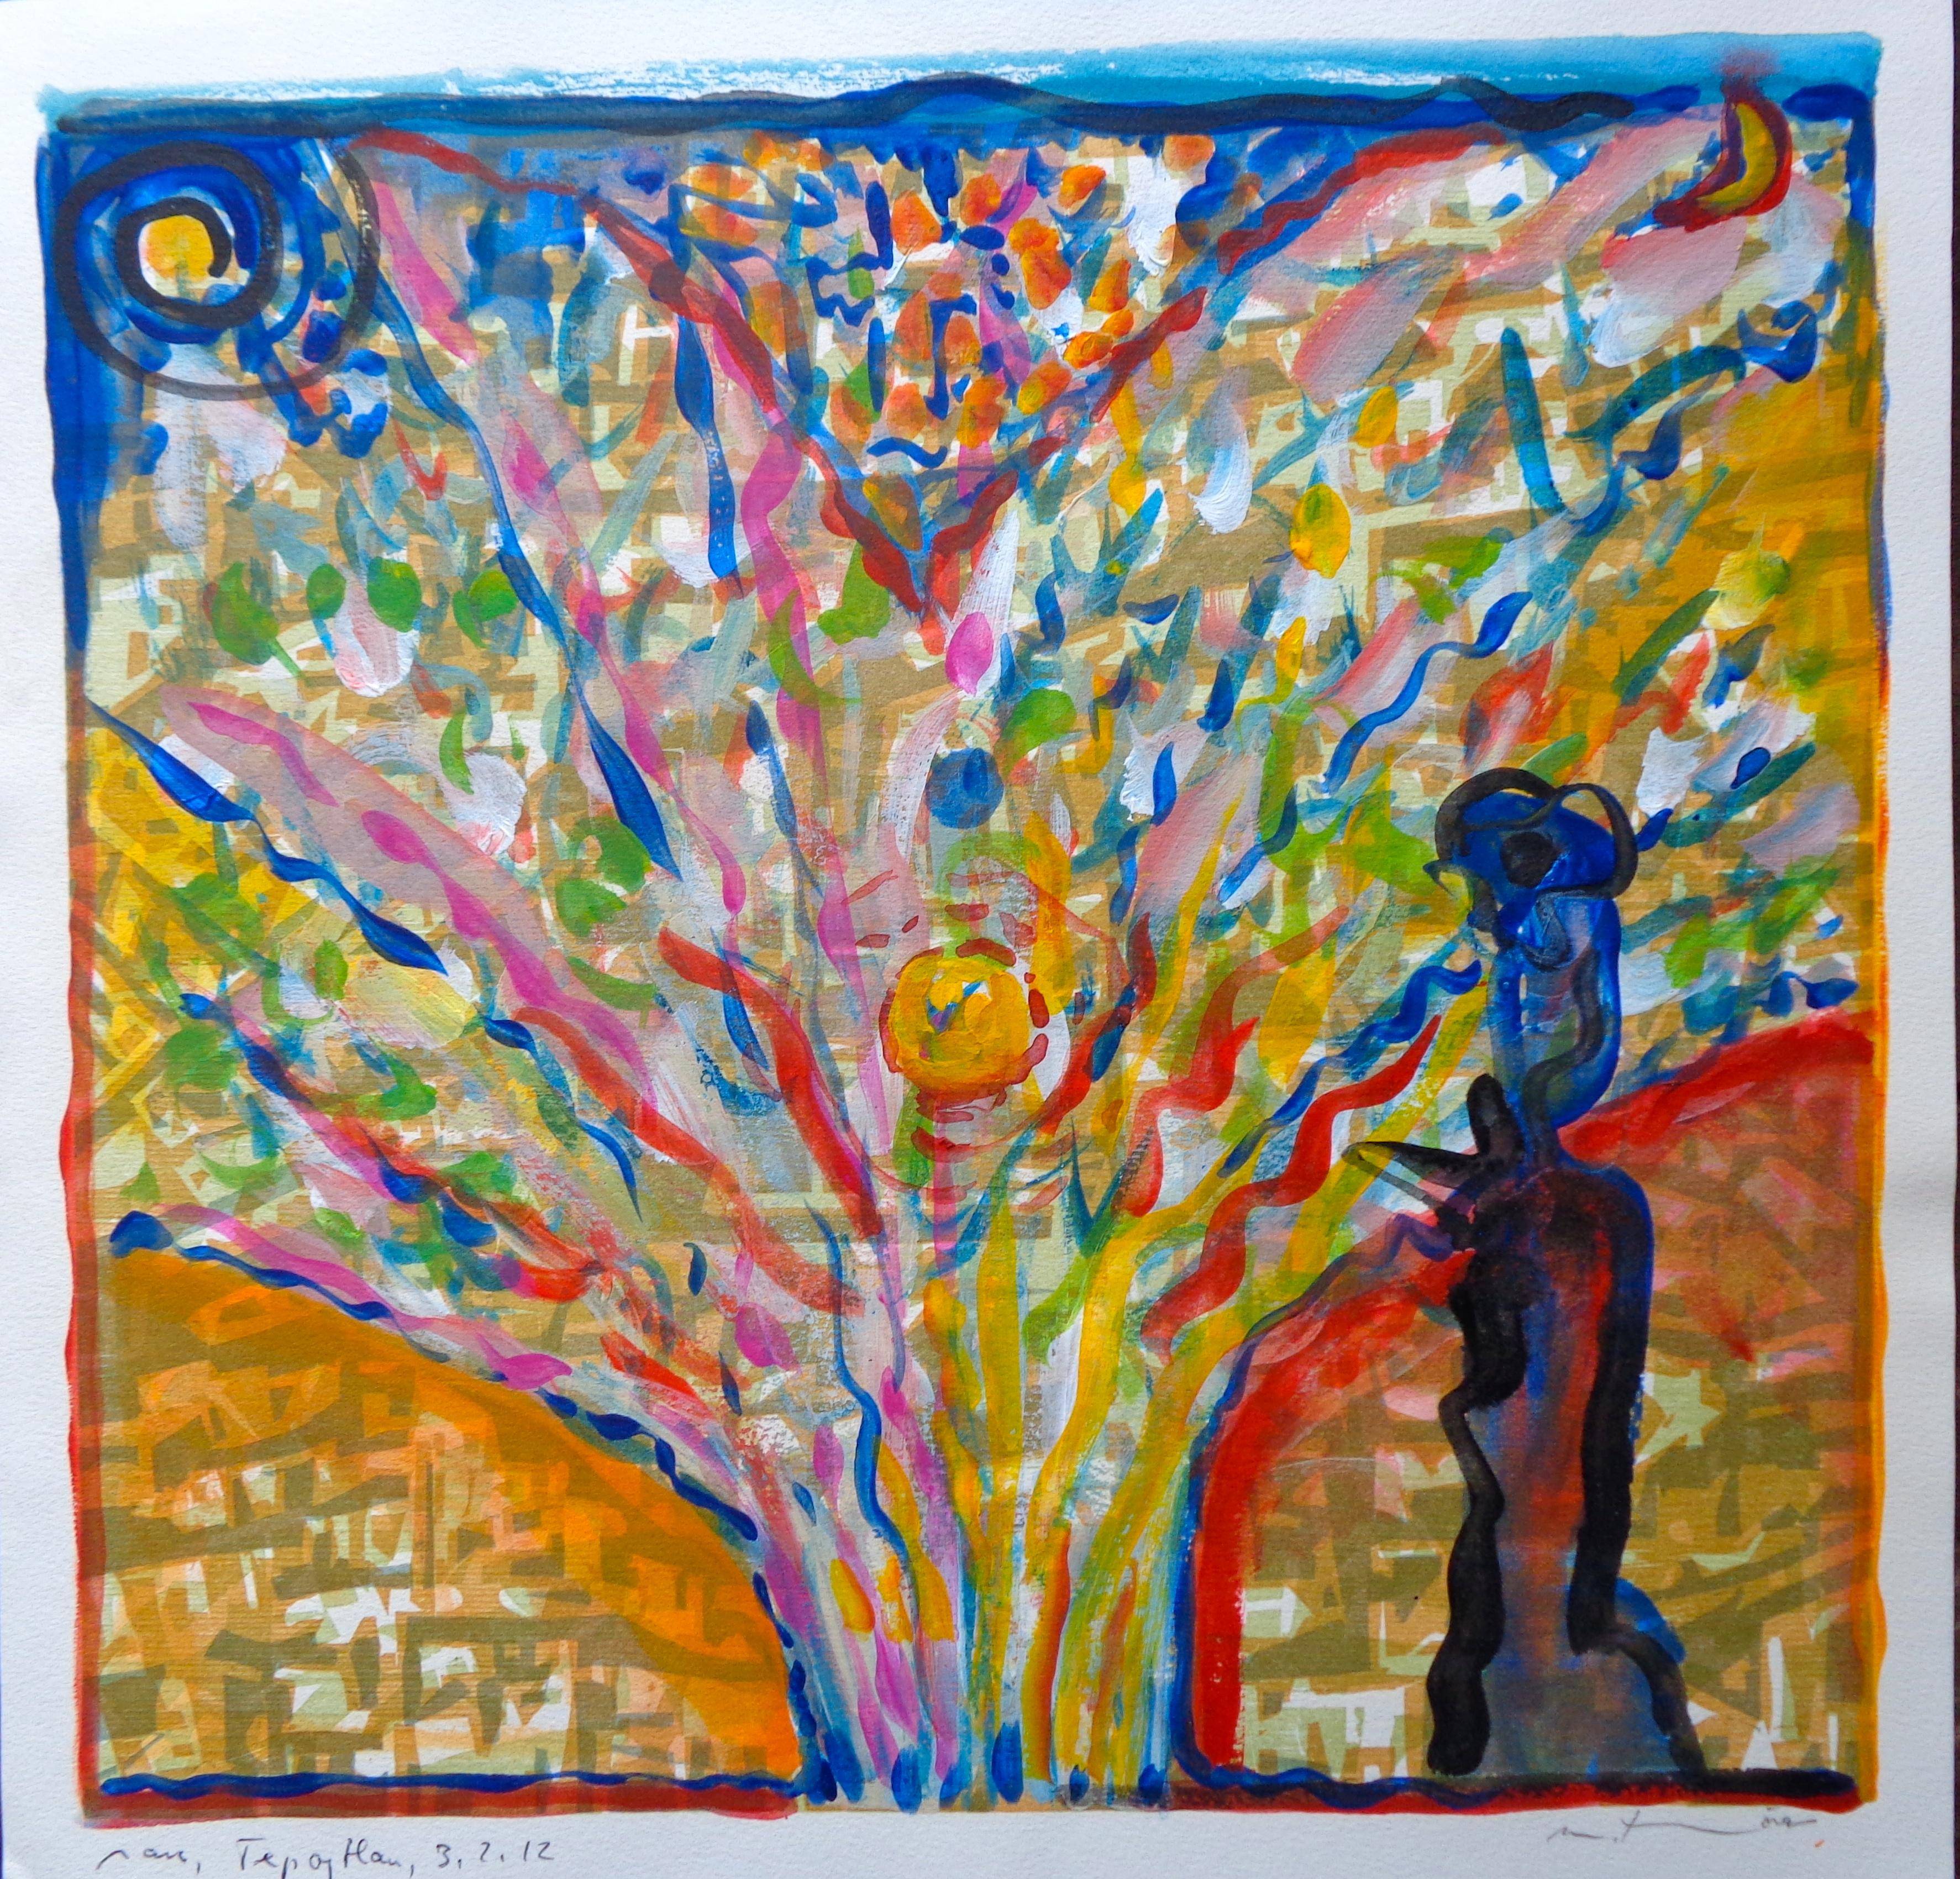 COL-ART-painting Berne 2000 & Biel Bienne 2014